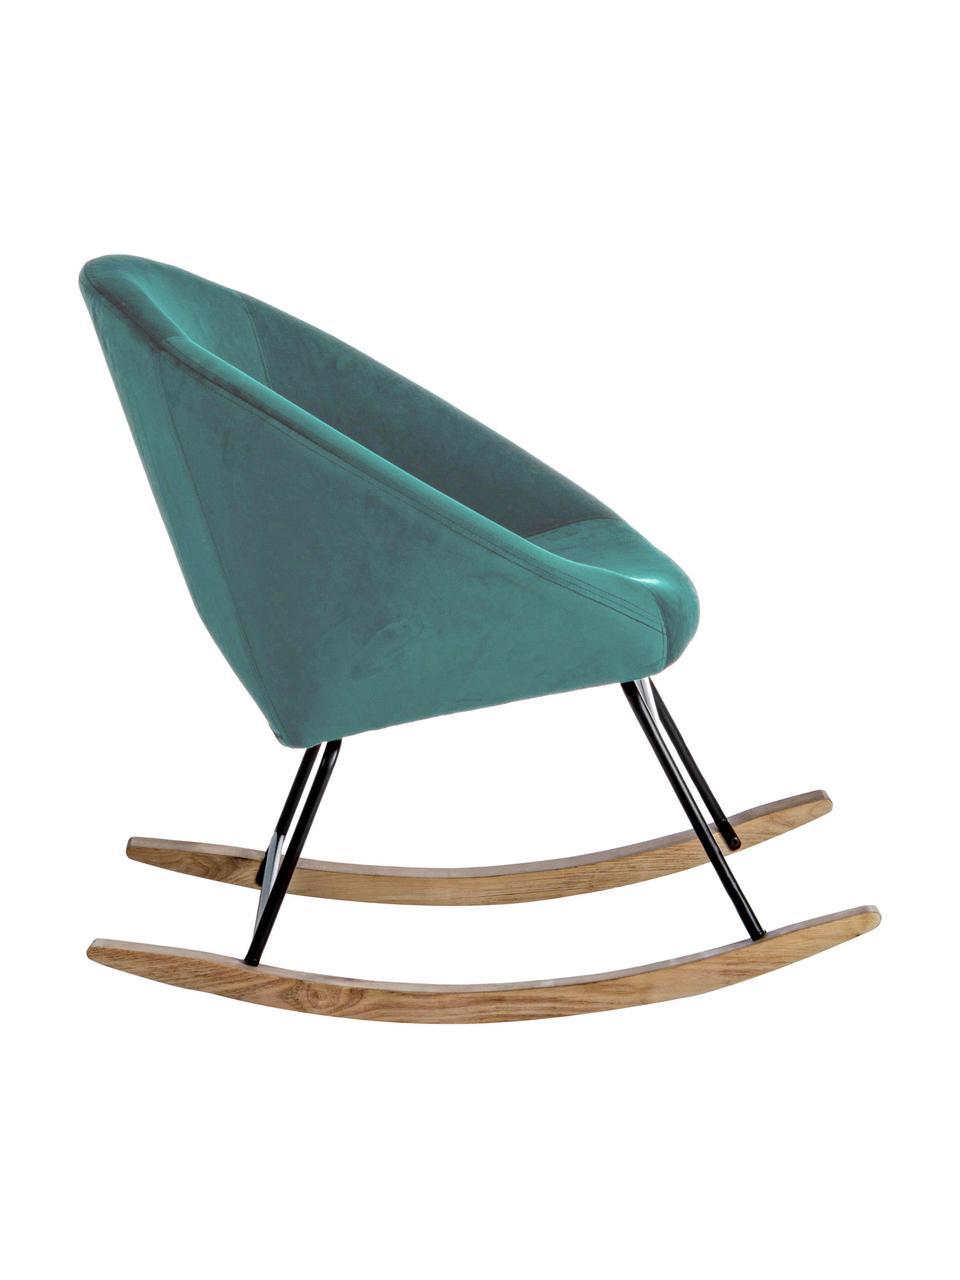 Fluwelen schommelstoel Annika in groen, Bekleding: polyester fluweel, Frame: gepoedercoat metaal, Frame: multiplex, metaal, Fluweel pauwblauw, B 74 x D 77 cm